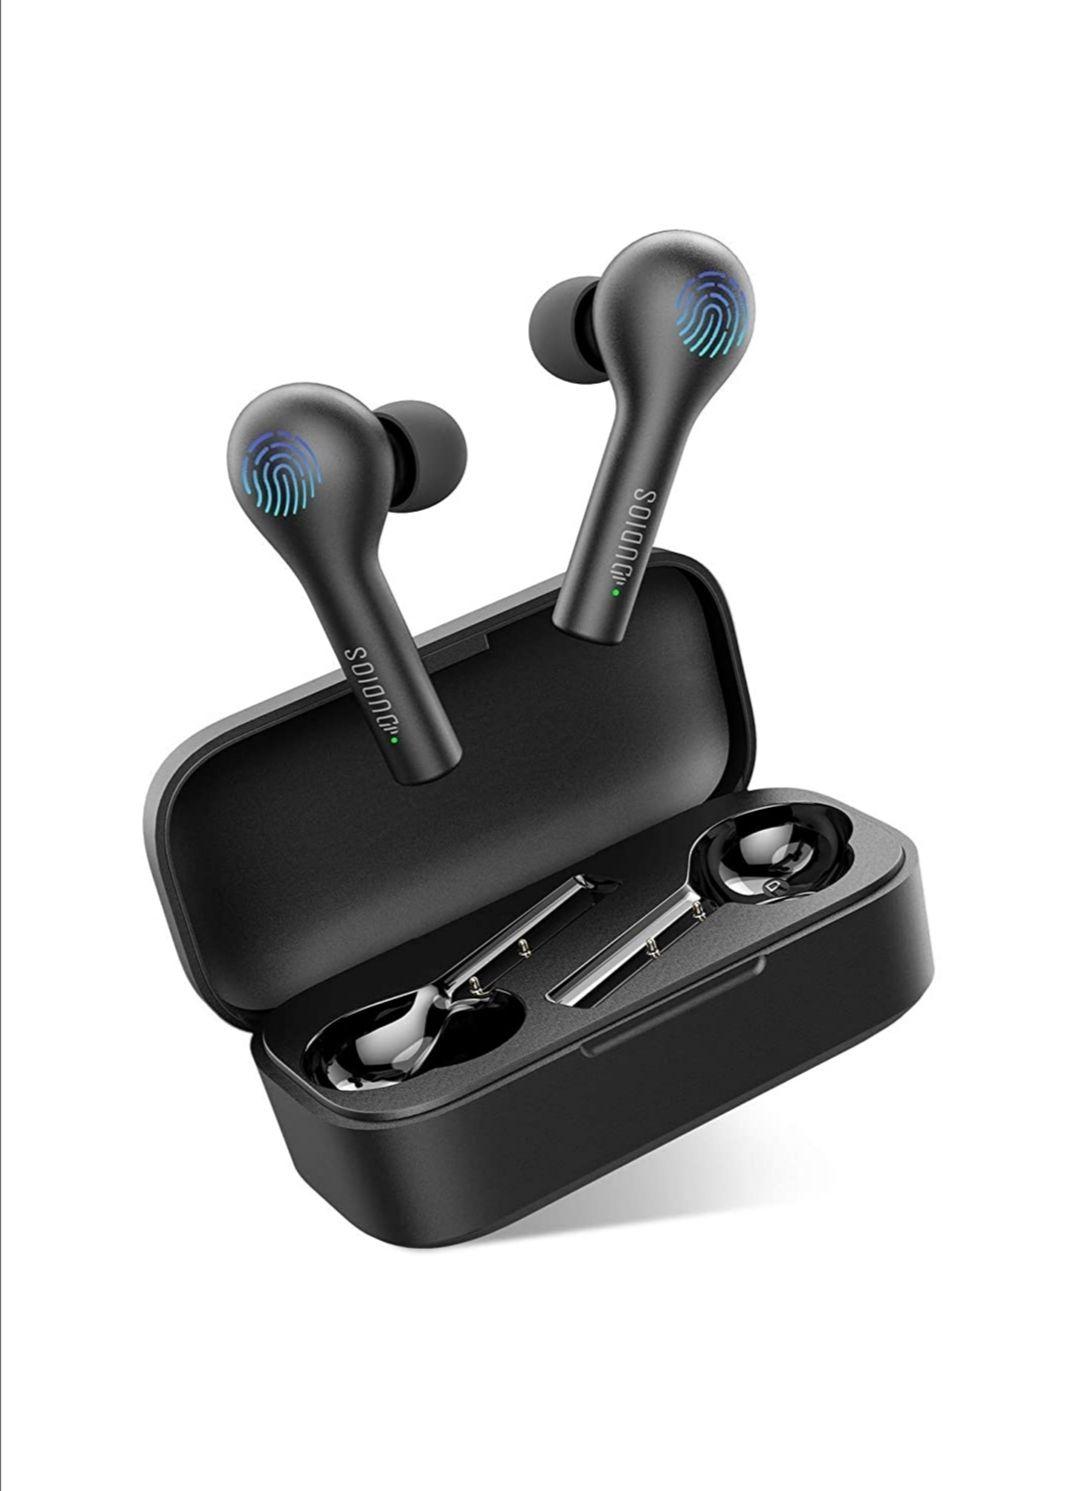 Écouteur sans fil Bluetooth Dudios (Vendeur Tiers)